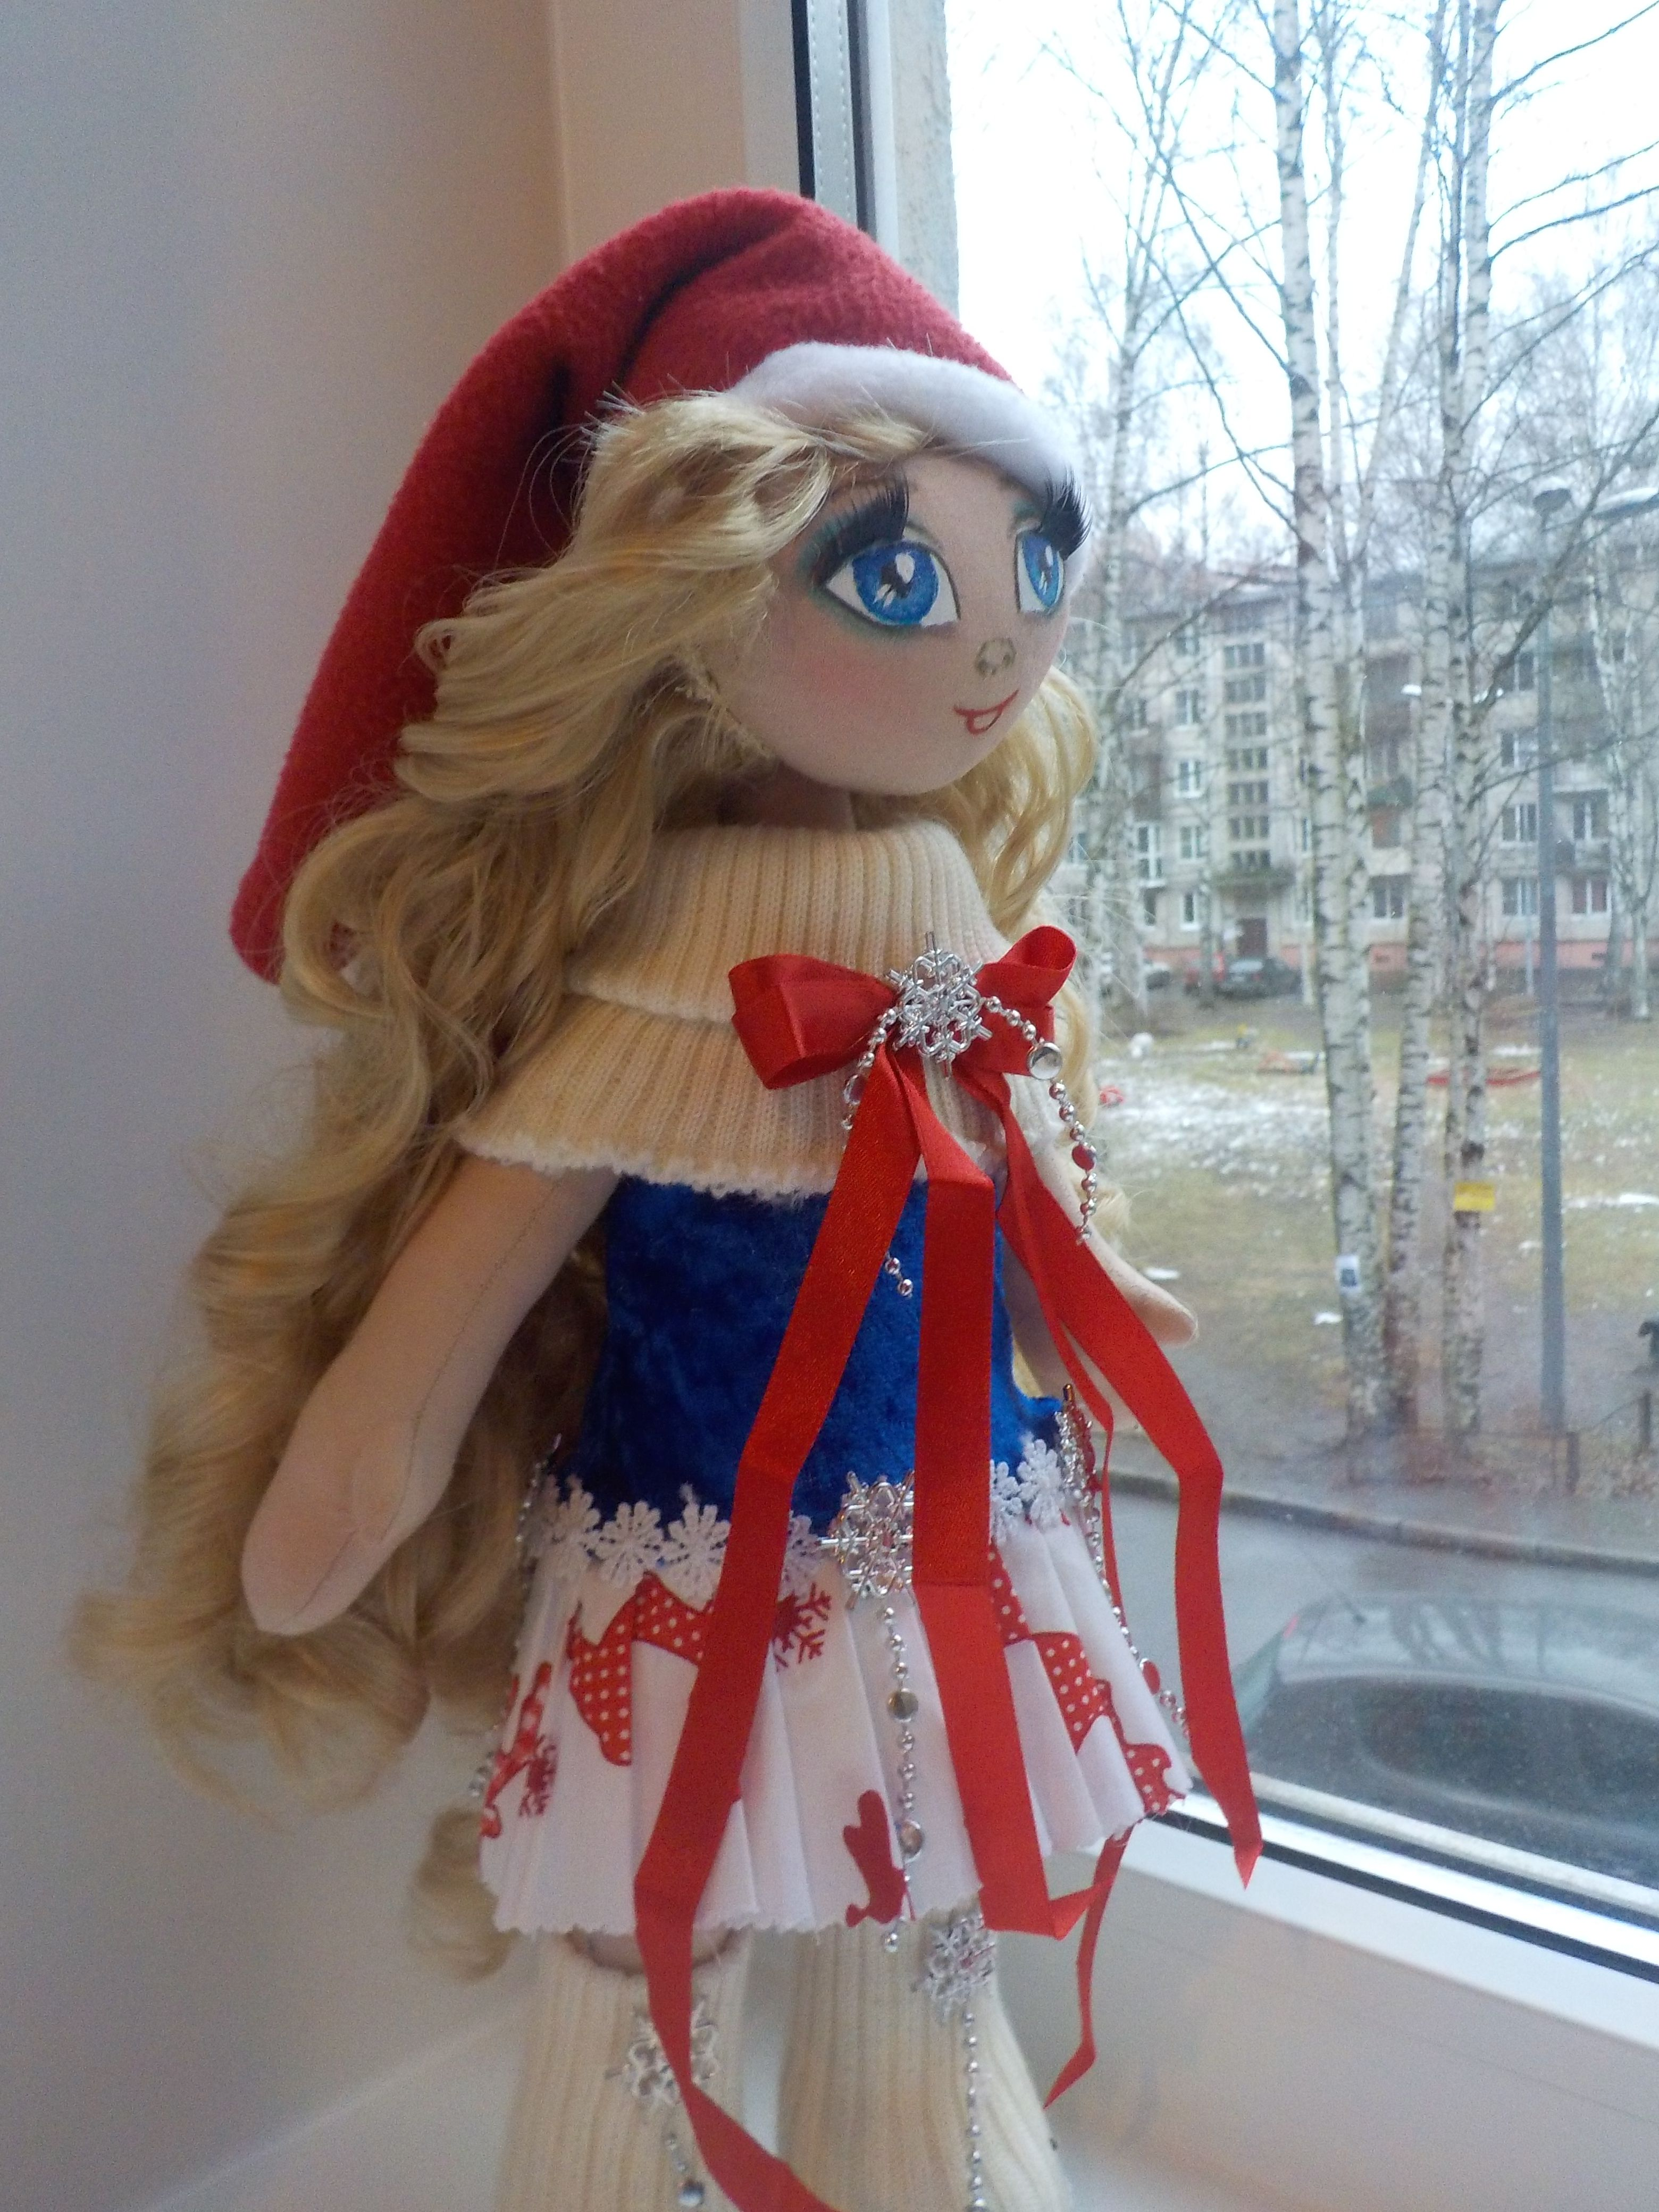 лента ручной работы атласная hand-made игрушки кукла новый куклы хлопок интерьерная в новогодние рождество на год текстильная подарок